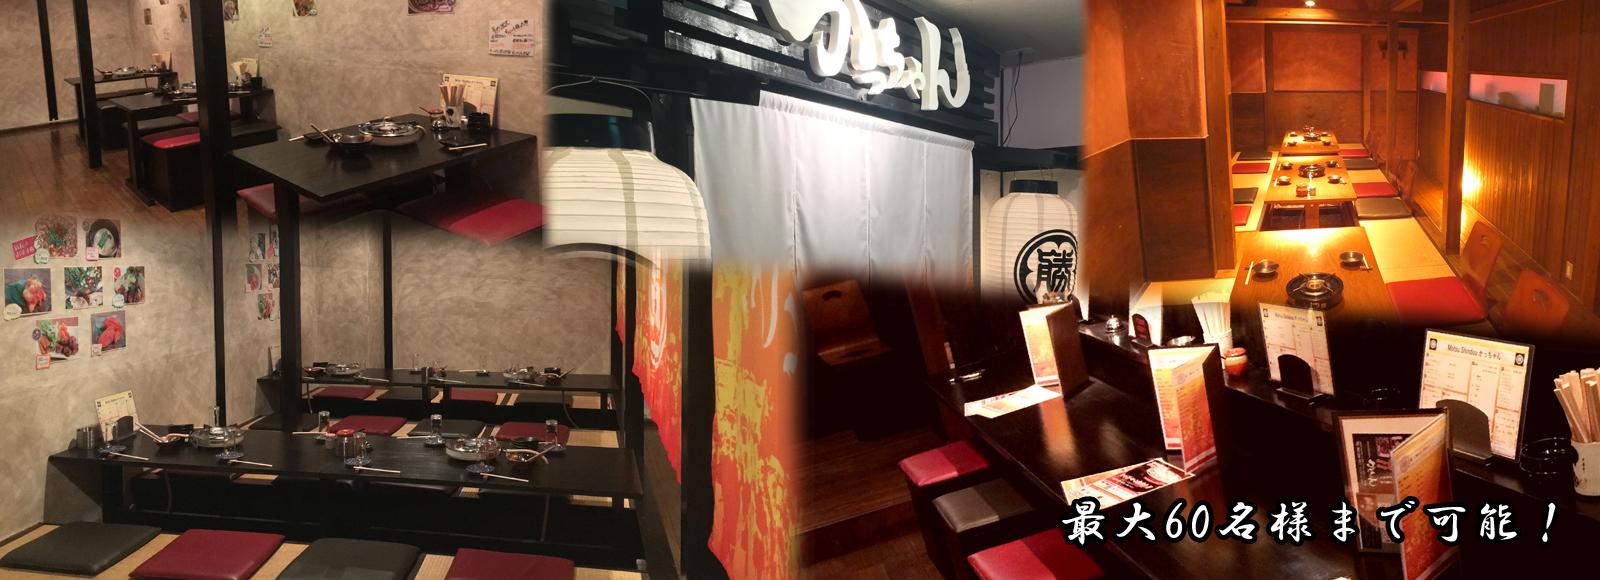 Motsu Shindou かっちゃん 店舗内観